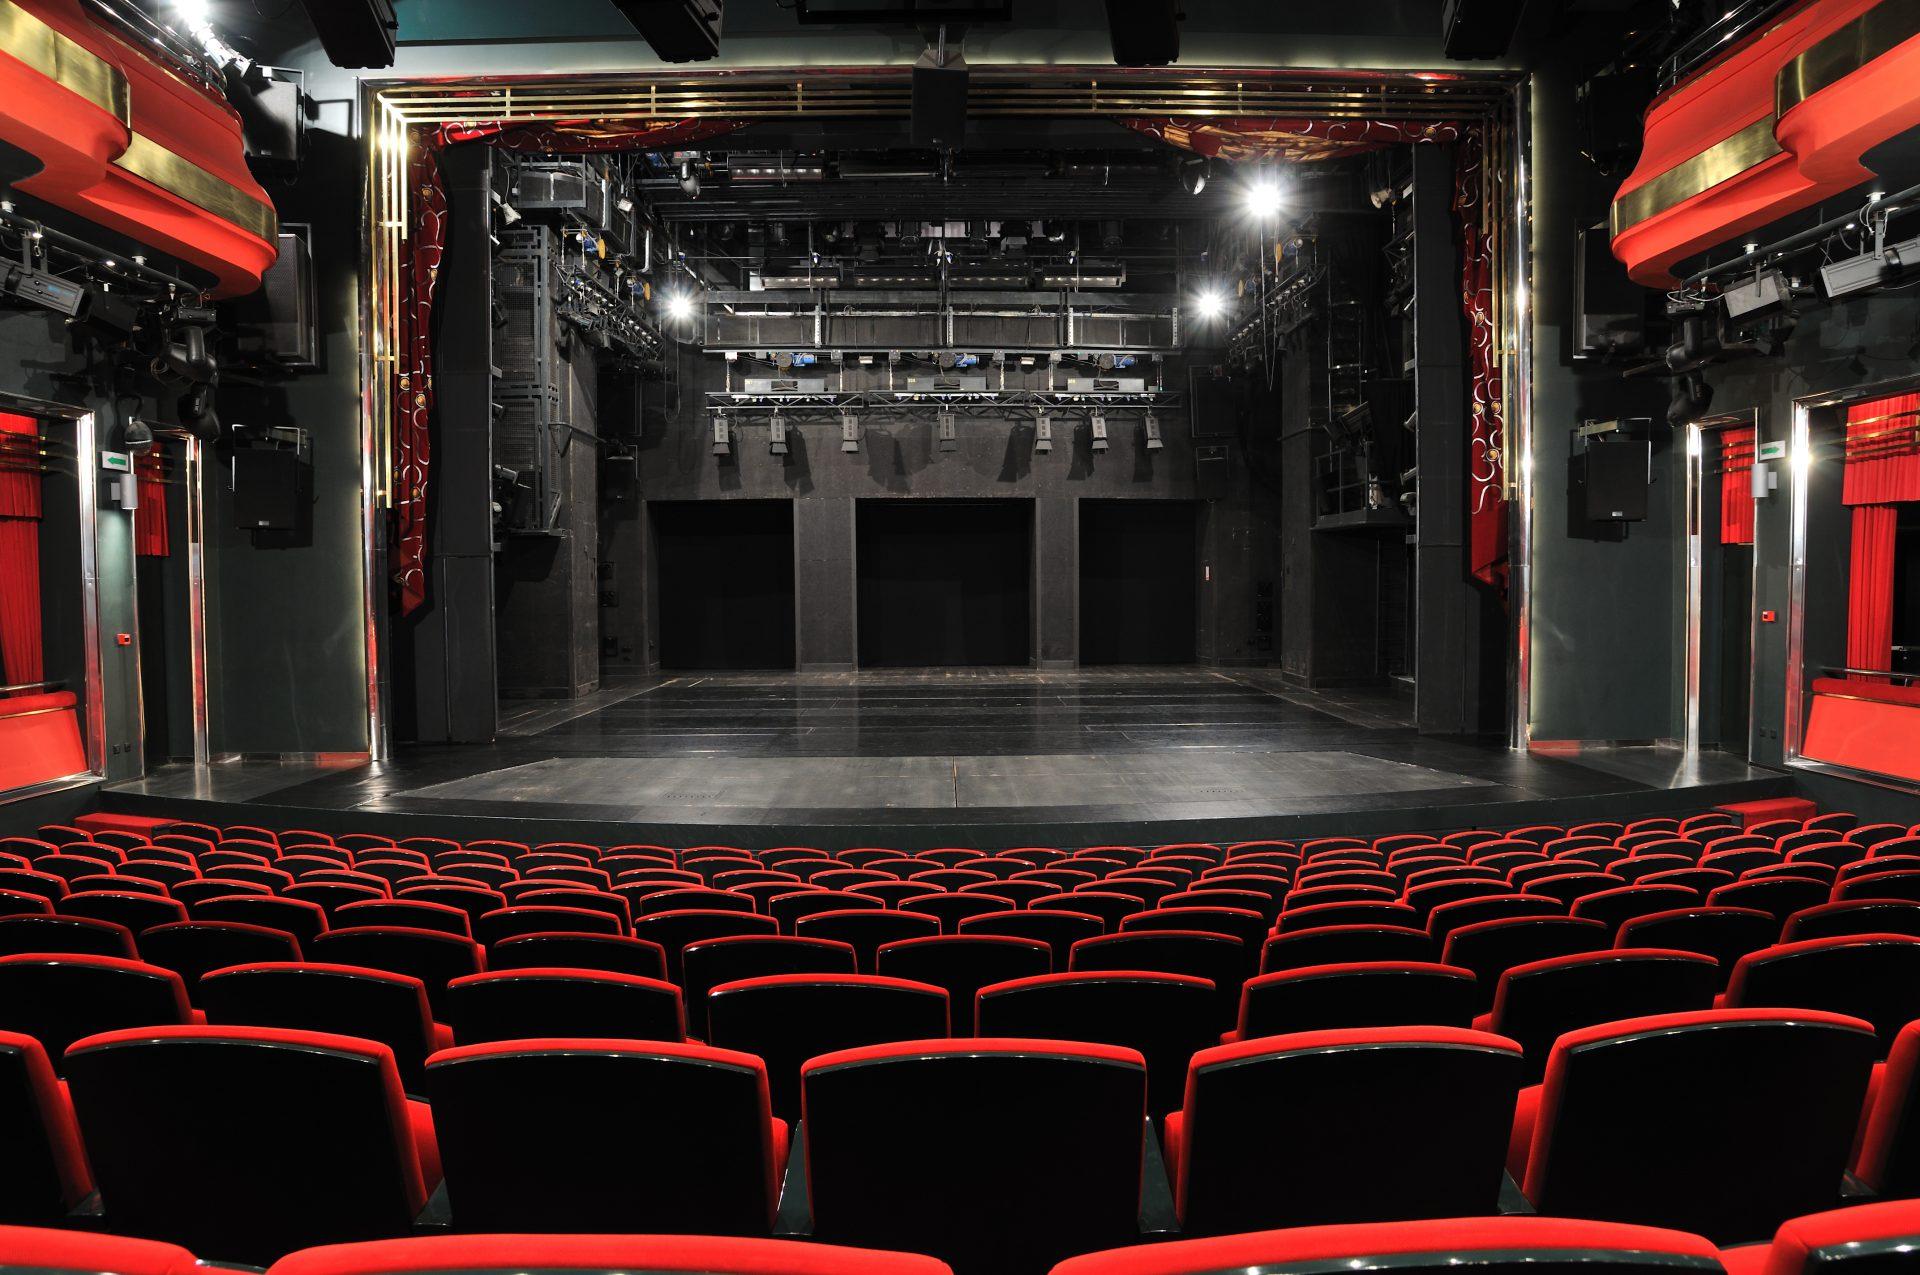 Theater mit roten Sitzen